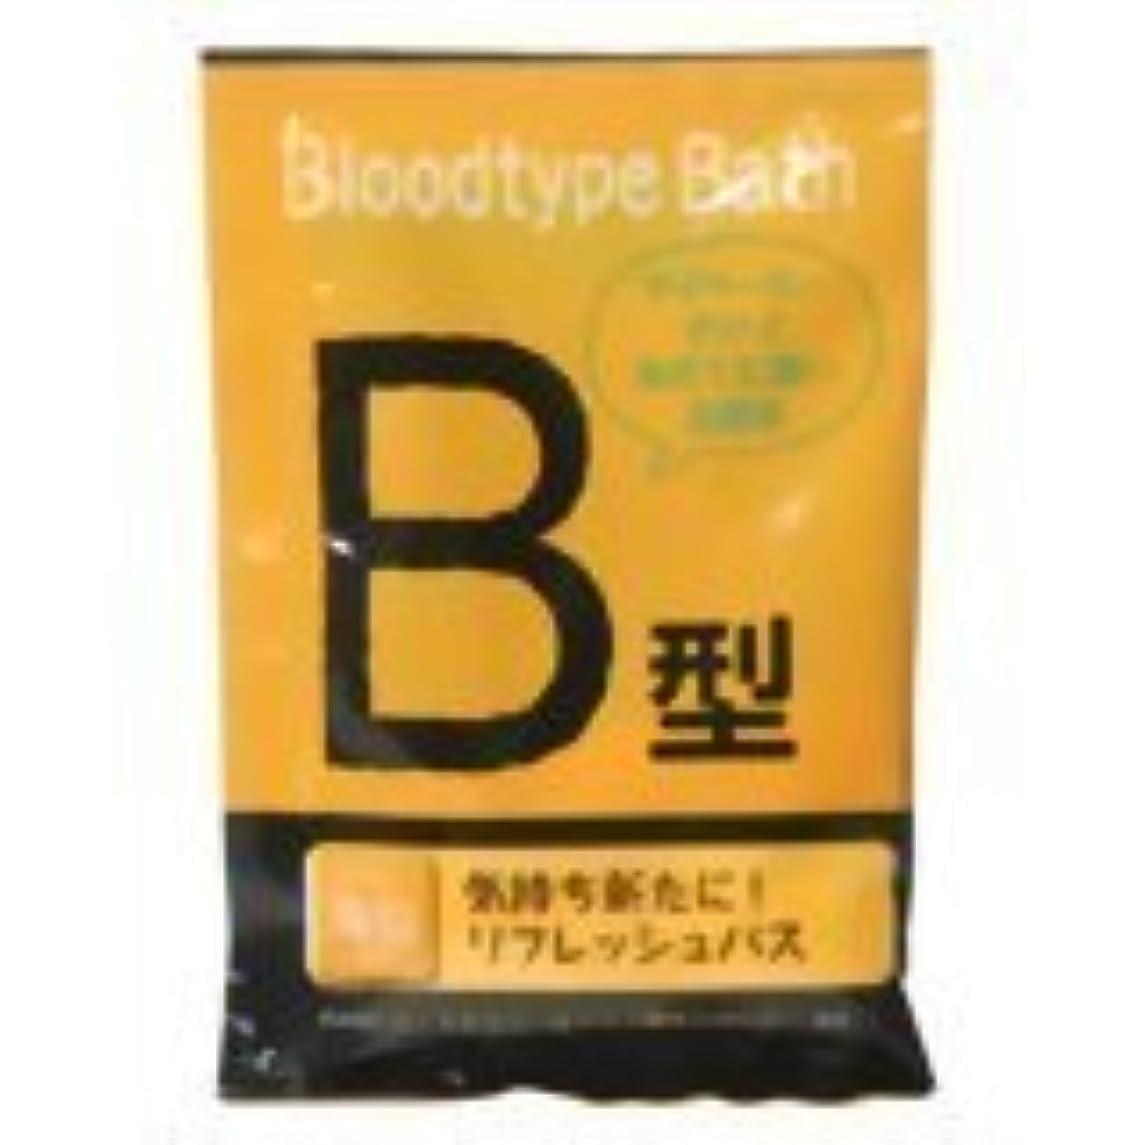 トリプル毎週接触紀陽除虫菊 ブラッドタイプバス B【まとめ買い12個セット】 N-8251